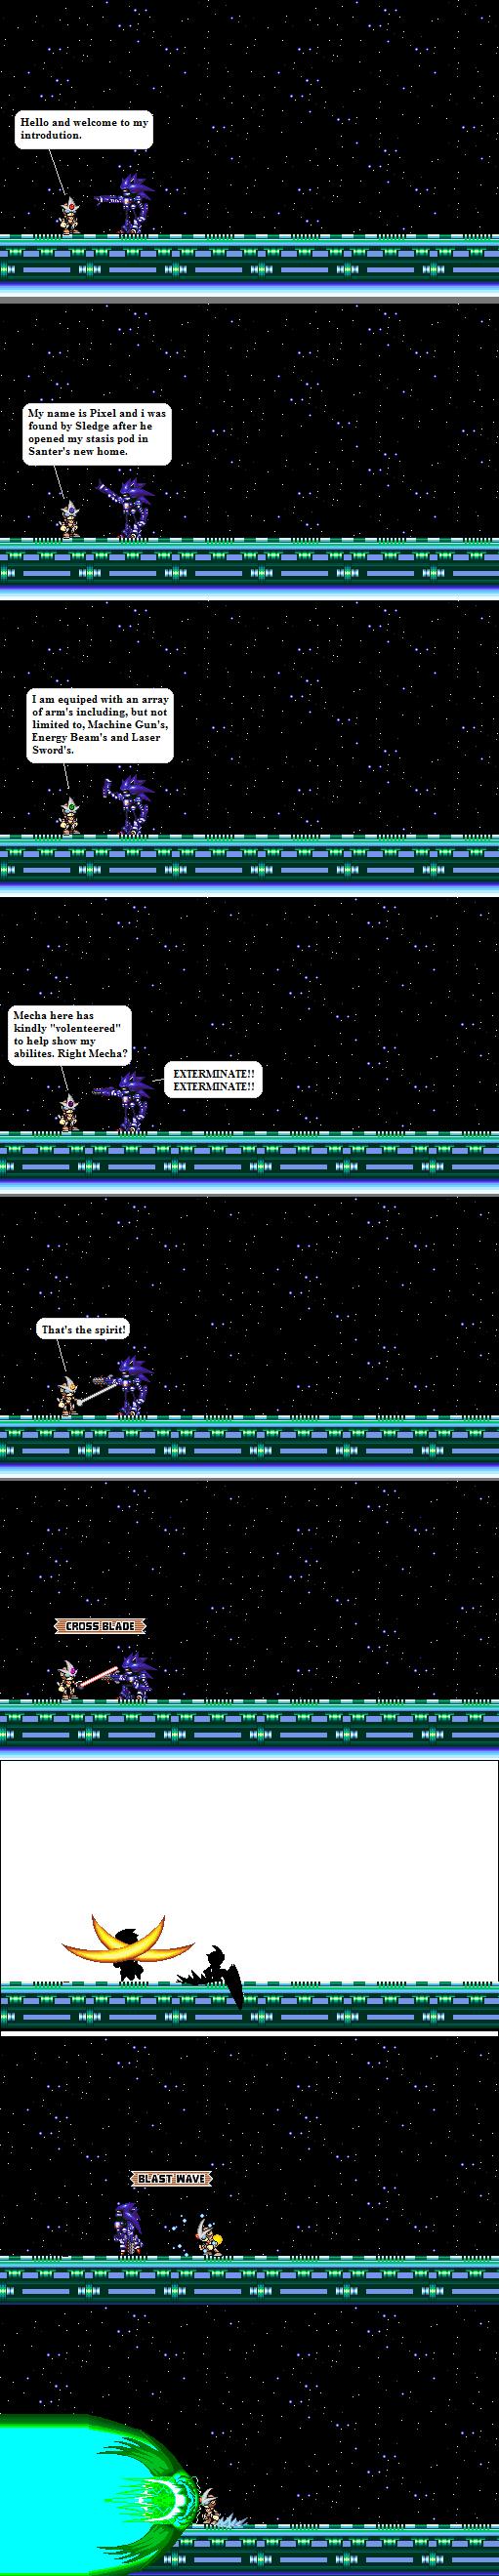 Pixel intro